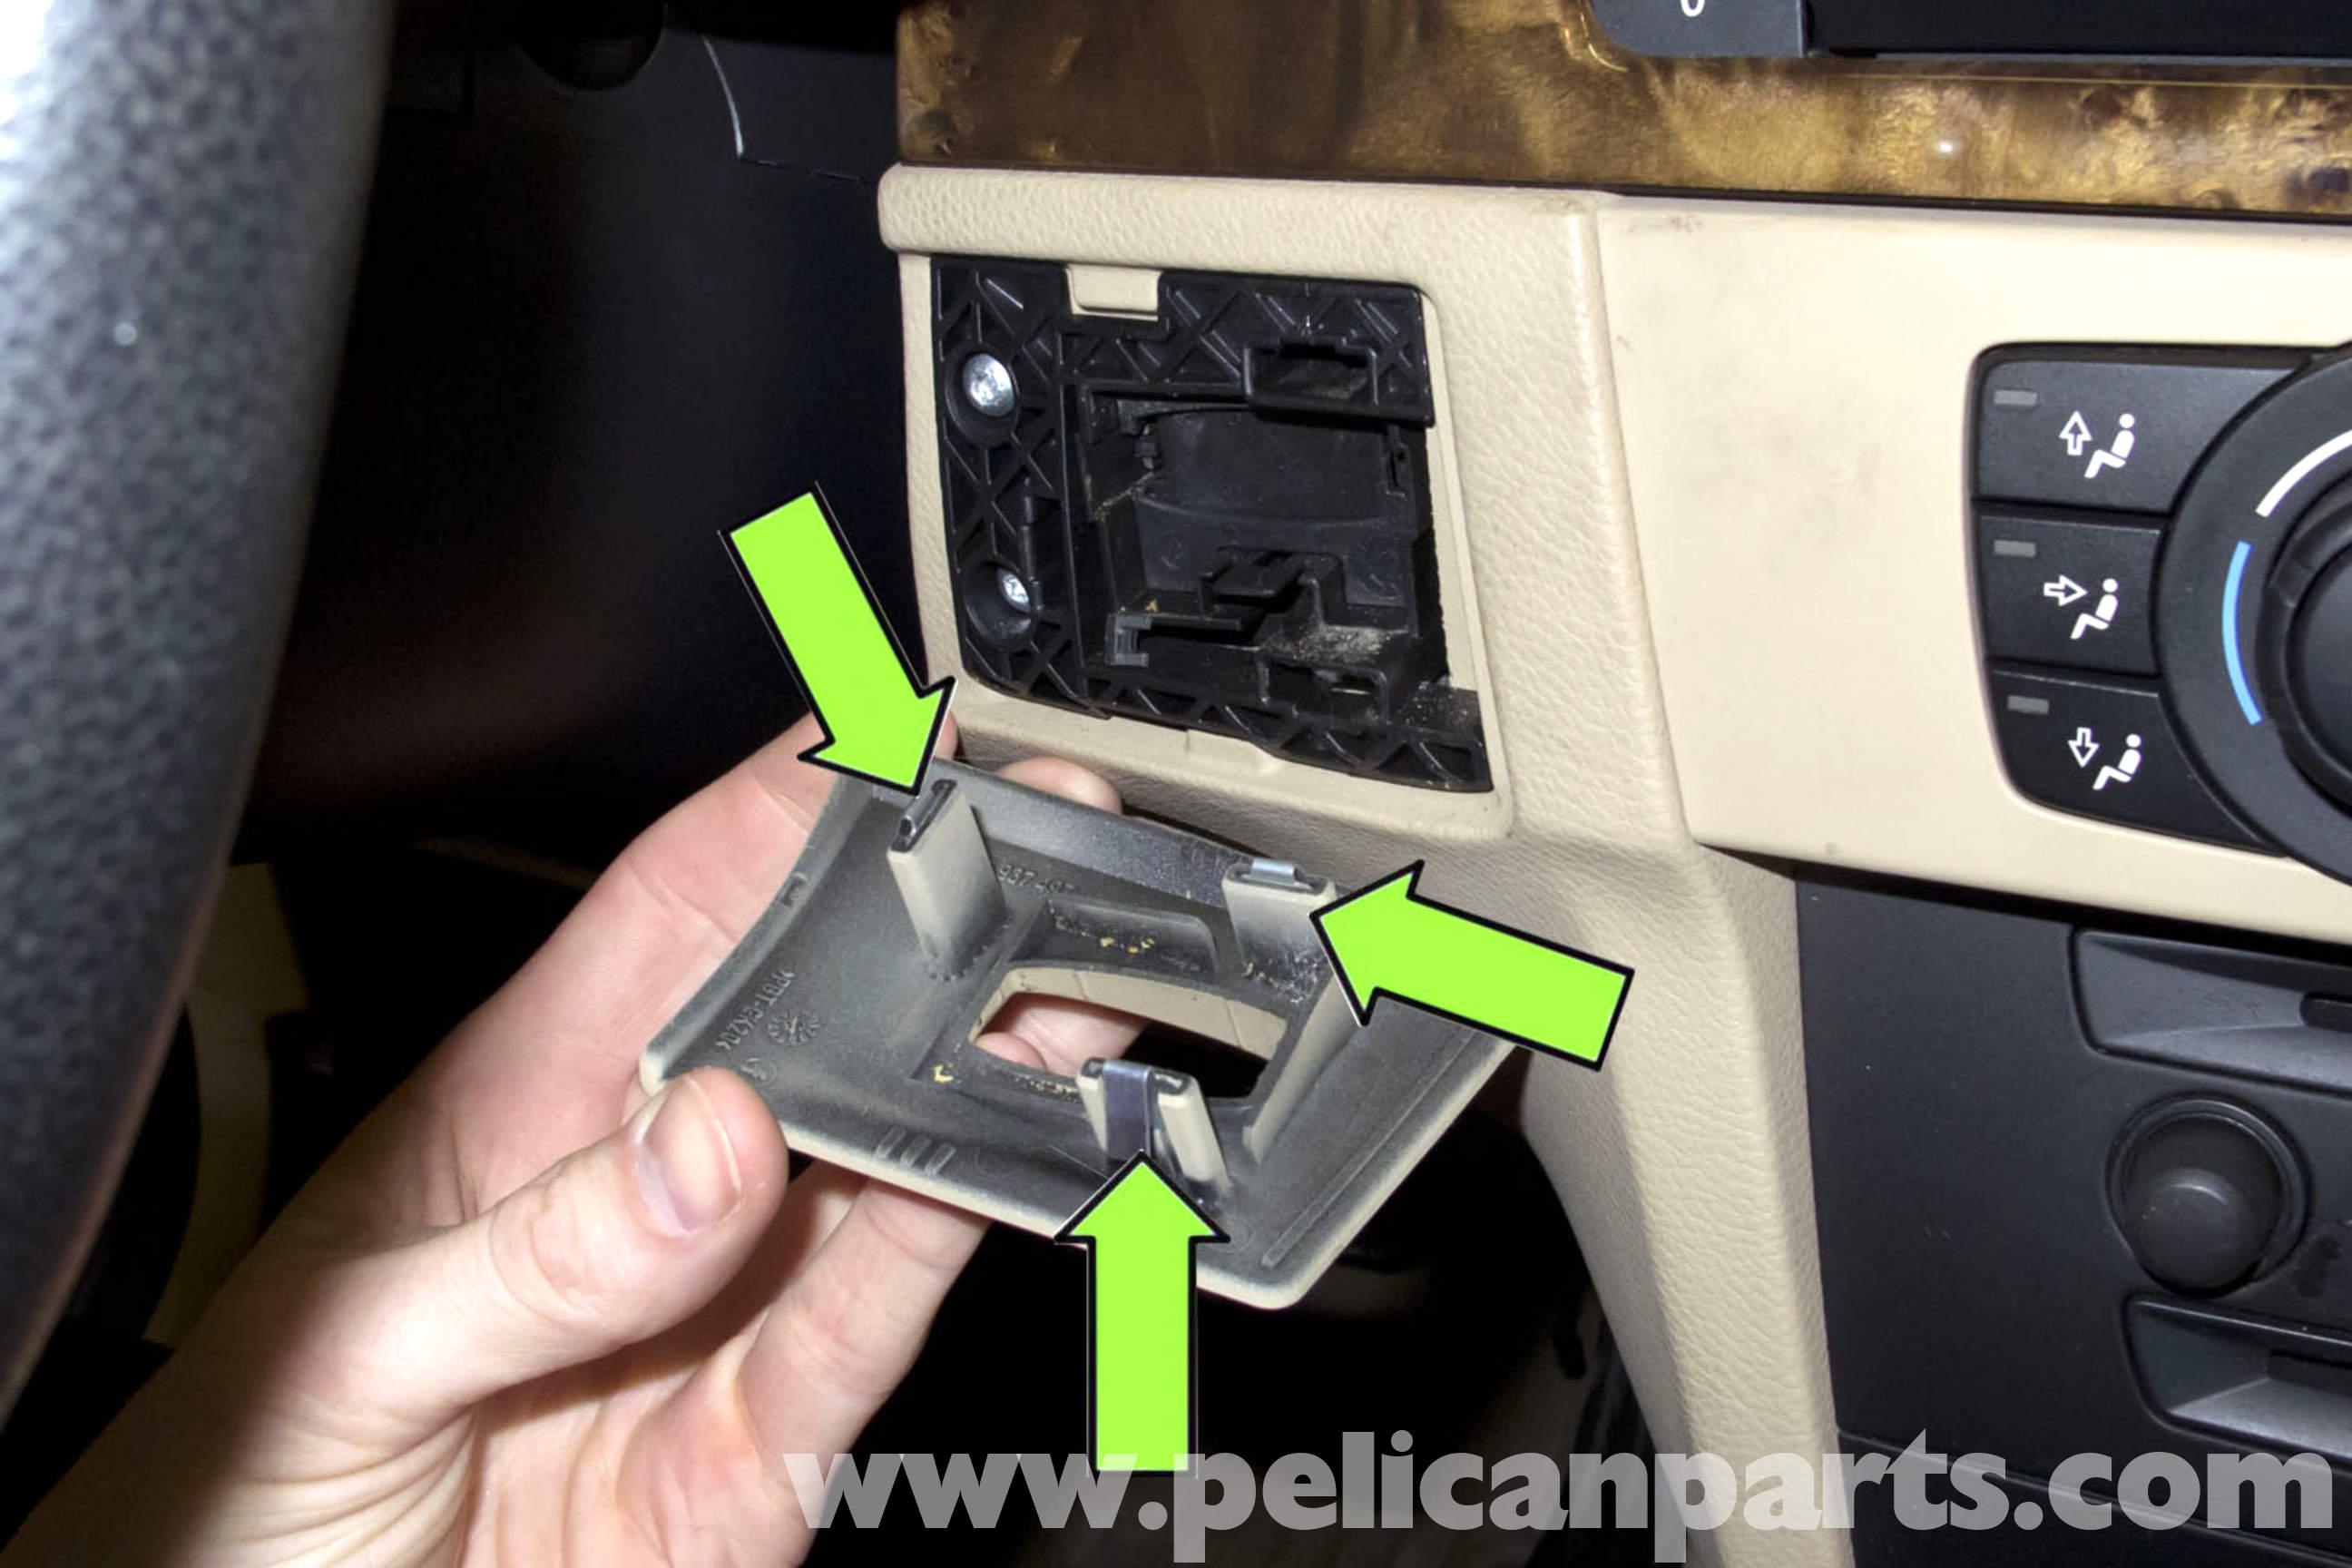 Bmw E90 Remote Key Slot Replacement E91 E92 E93 Pelican Parts